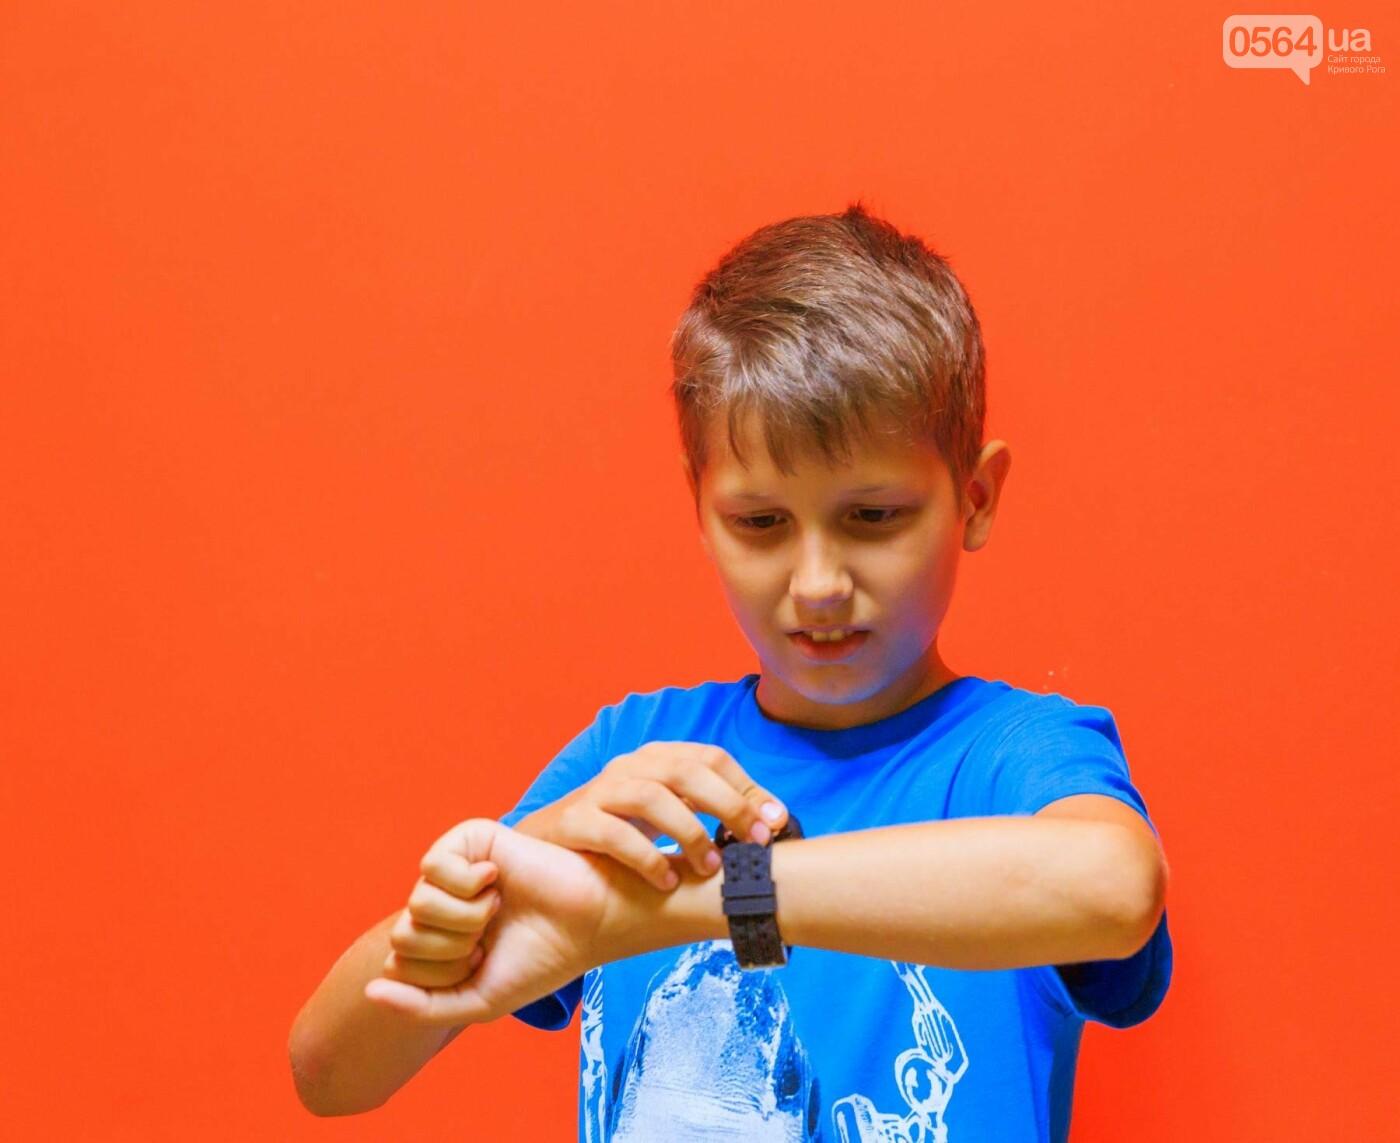 Детские смарт часы – незаменимый гаджет для школьника., фото-2